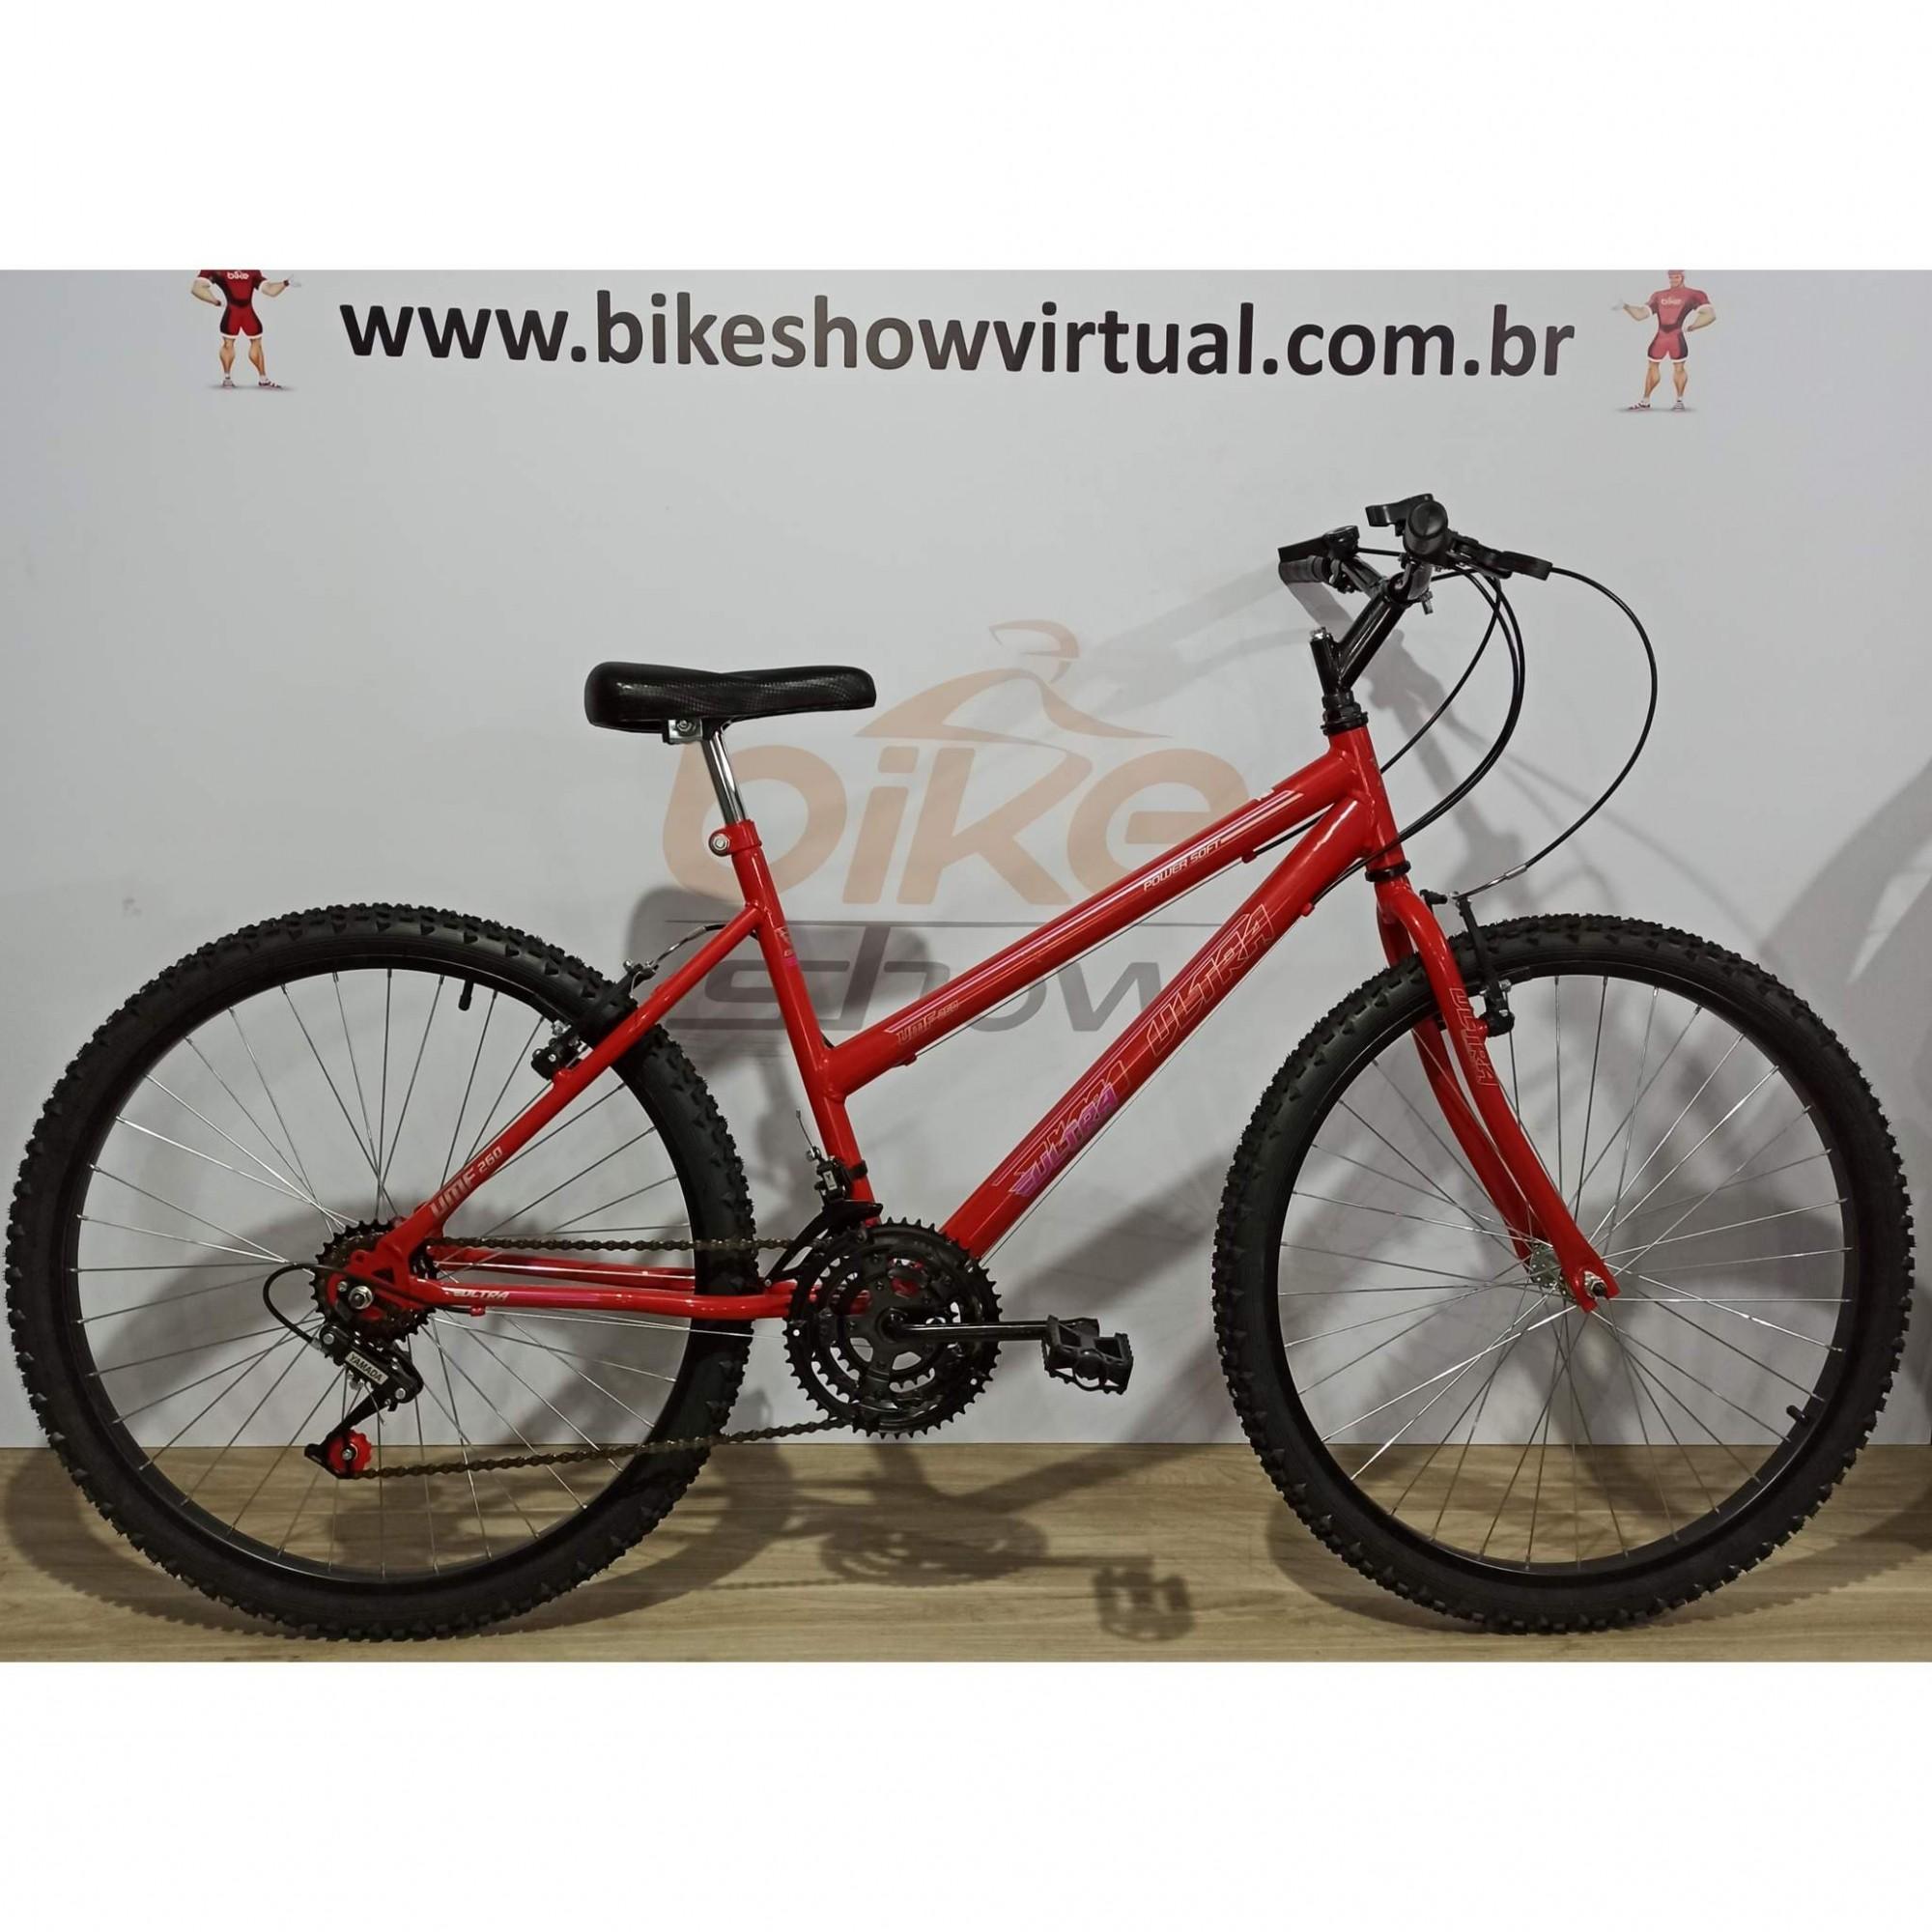 Bicicleta ULTRA BIKES aro 26 - 18v Yamada - Quadro Feminino